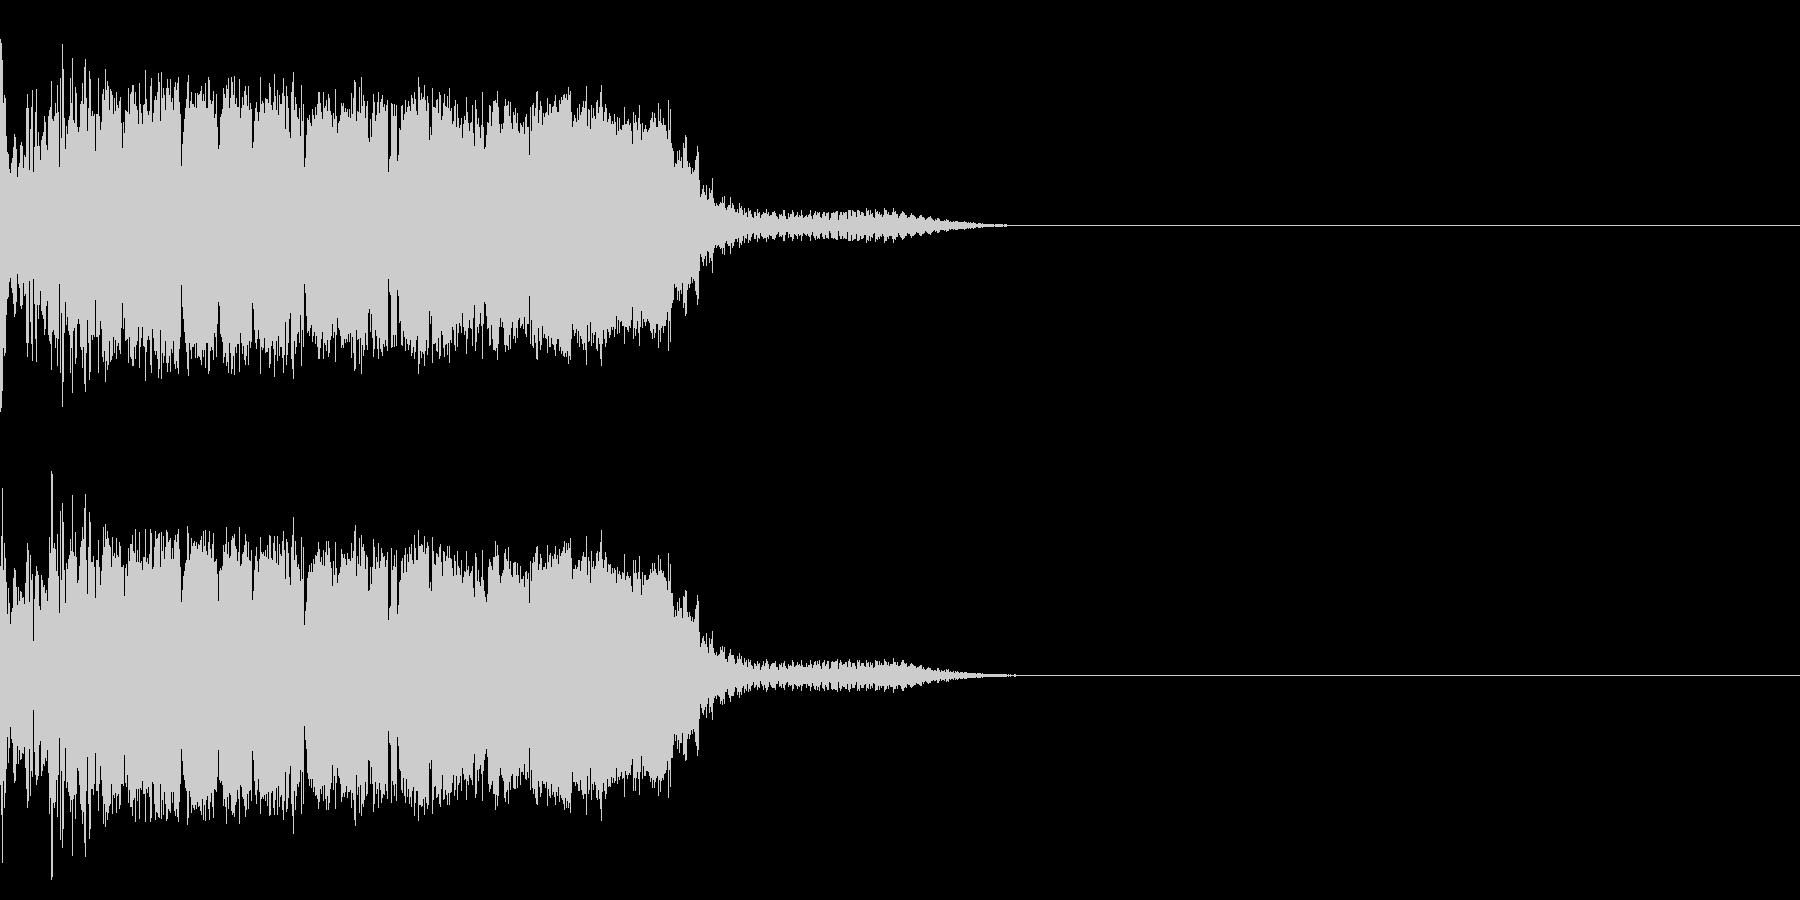 衝撃 金属音 恐怖 震撼 ホラー 40の未再生の波形